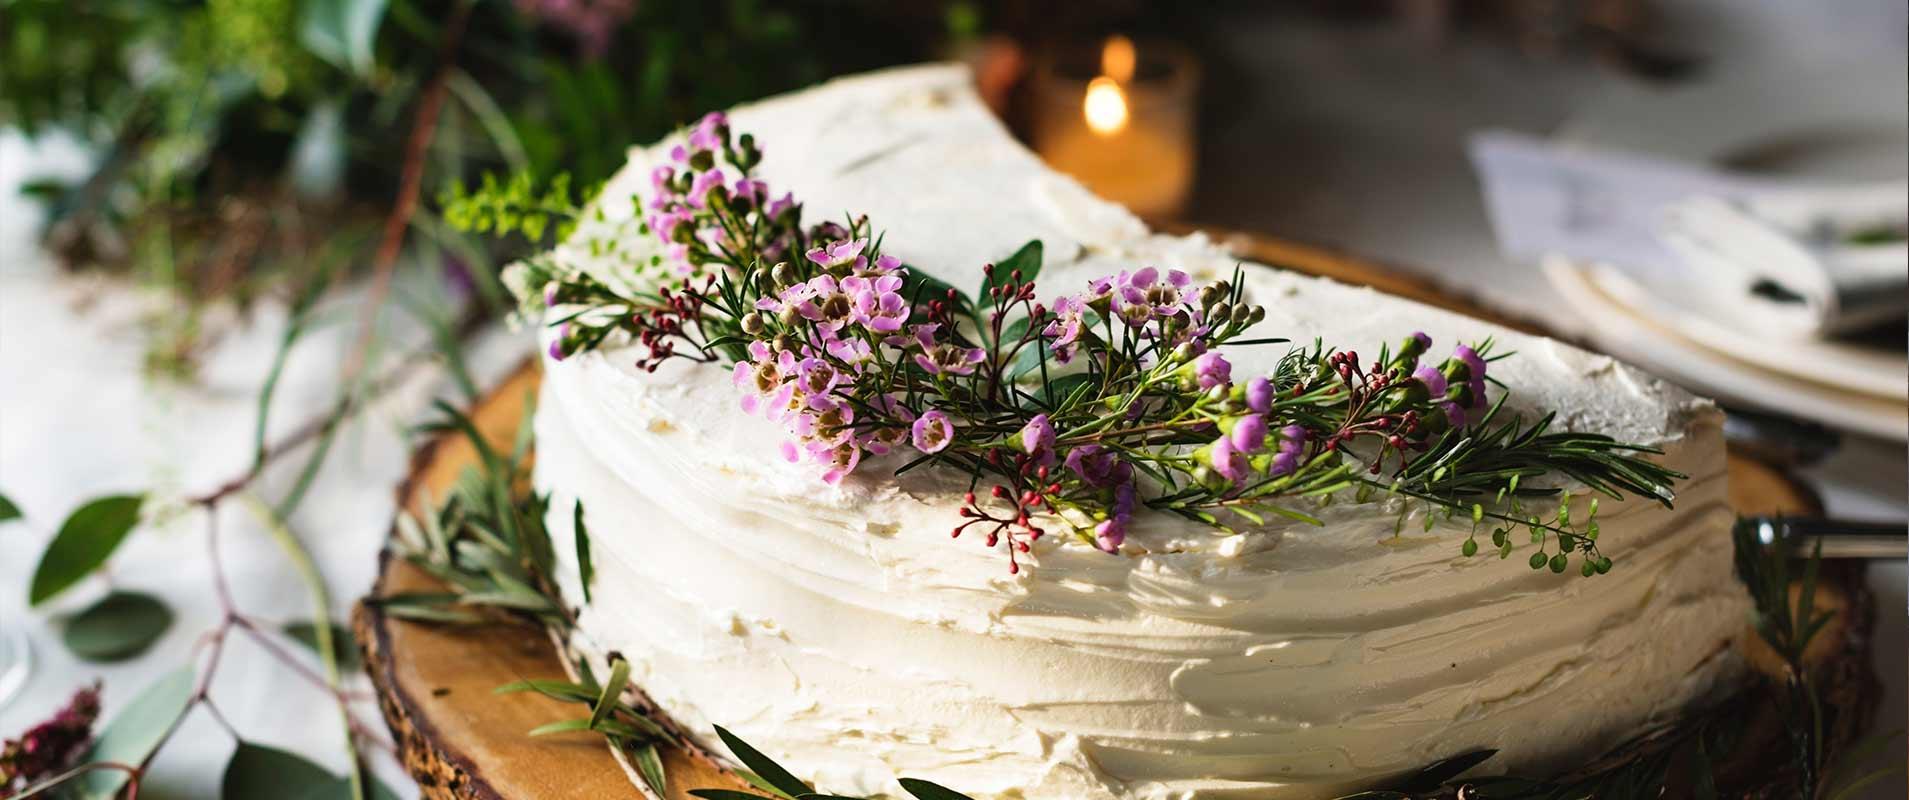 decorazioni-torte